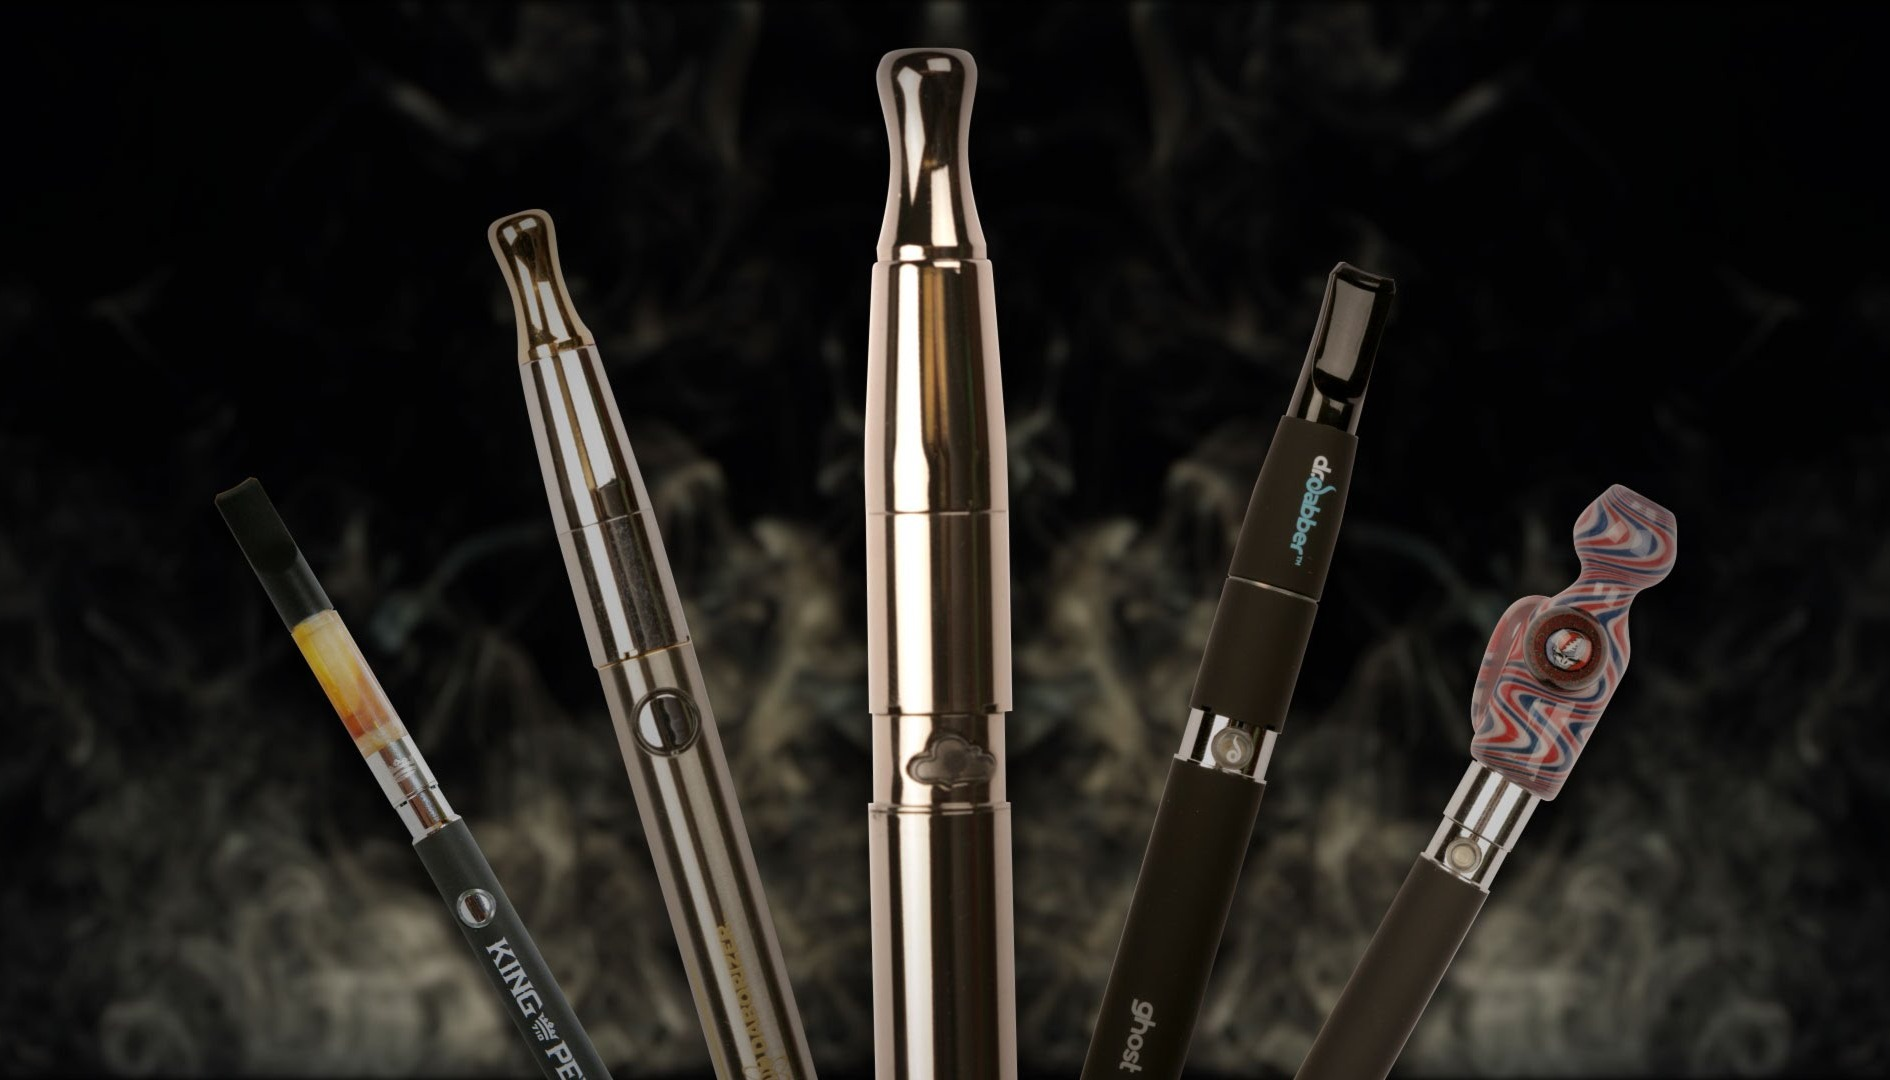 سحبات سيجارة Vape pen